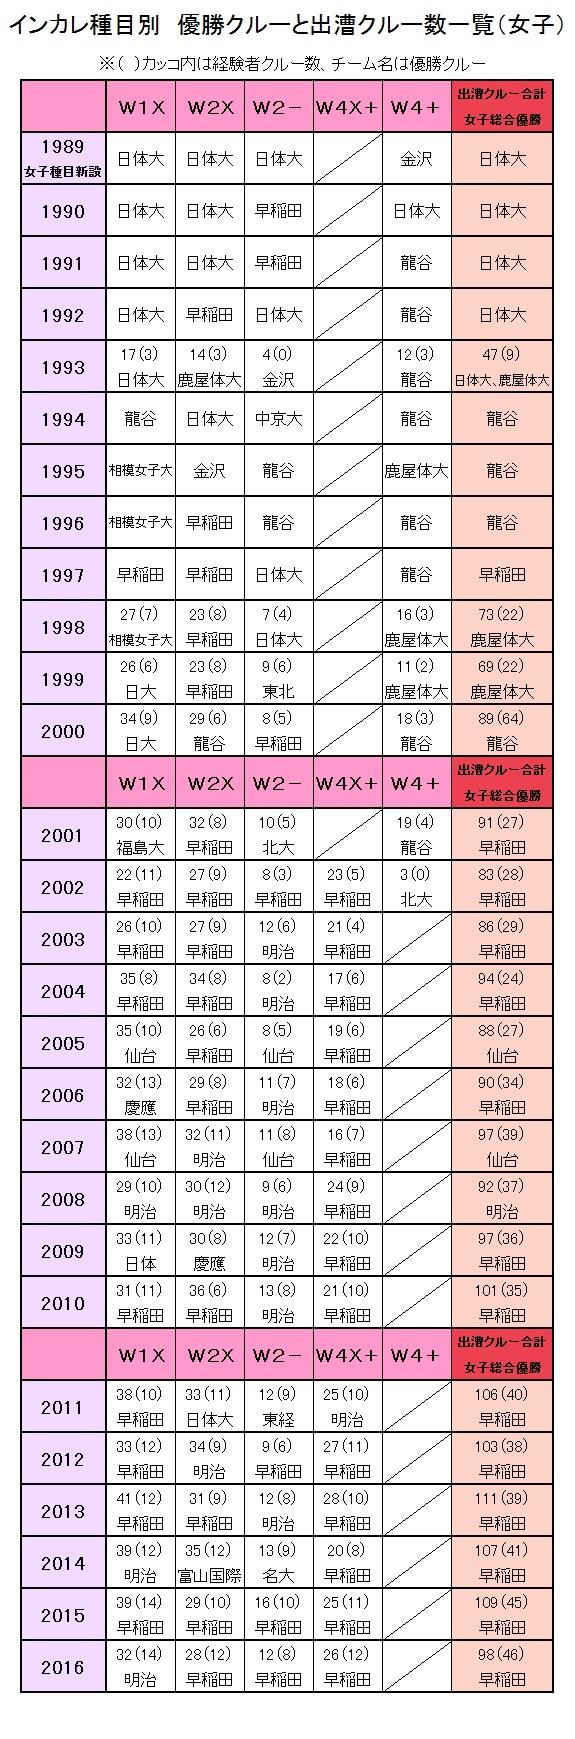 2017インカレ種目別 女子優勝クルー一覧表